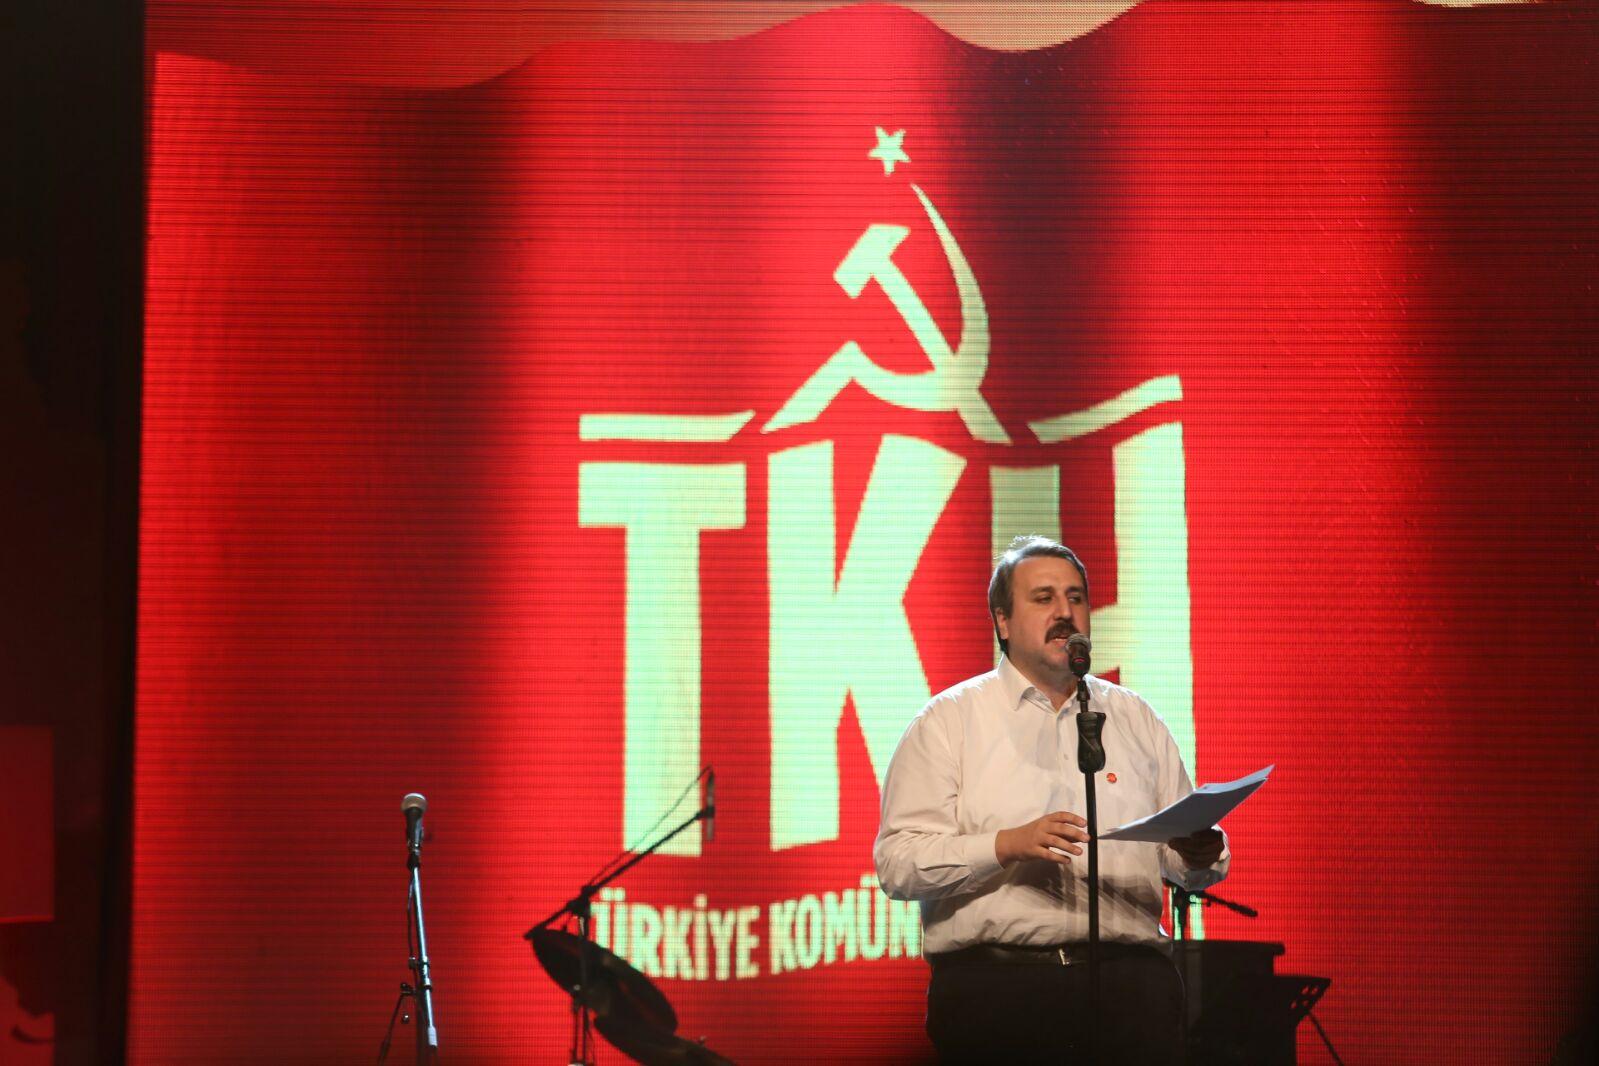 Sosyalist bir çıkış mümkündür!